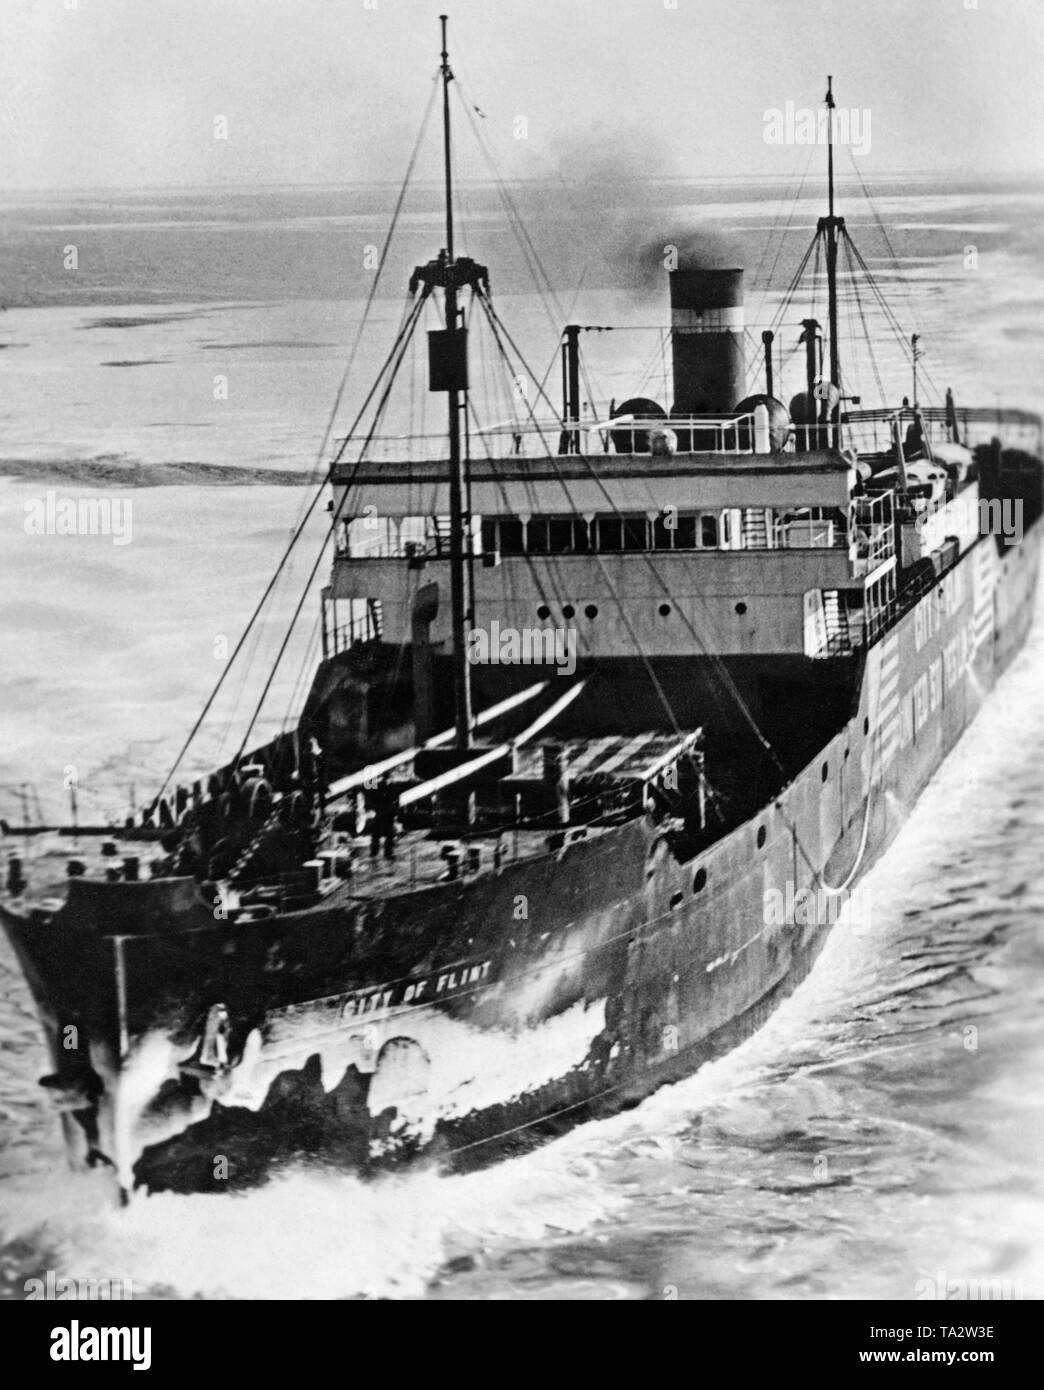 """Das frachtschiff """"Stadt der Flint' 1939 auf dem Nordatlantik beschlagnahmt wurde durch die Besatzung des Kreuzers 'Deutschland', wie es wurde davon ausgegangen, dass das Schiff Kriegsgerät nach England schmuggeln würde. Das Schiff landete schließlich in Norwegen, wo die deutsche Besatzung verhaftet wurde. Die """"Stadt der Flint' wurde 1943 von einem deutschen U-Boot versenkt. Stockbild"""